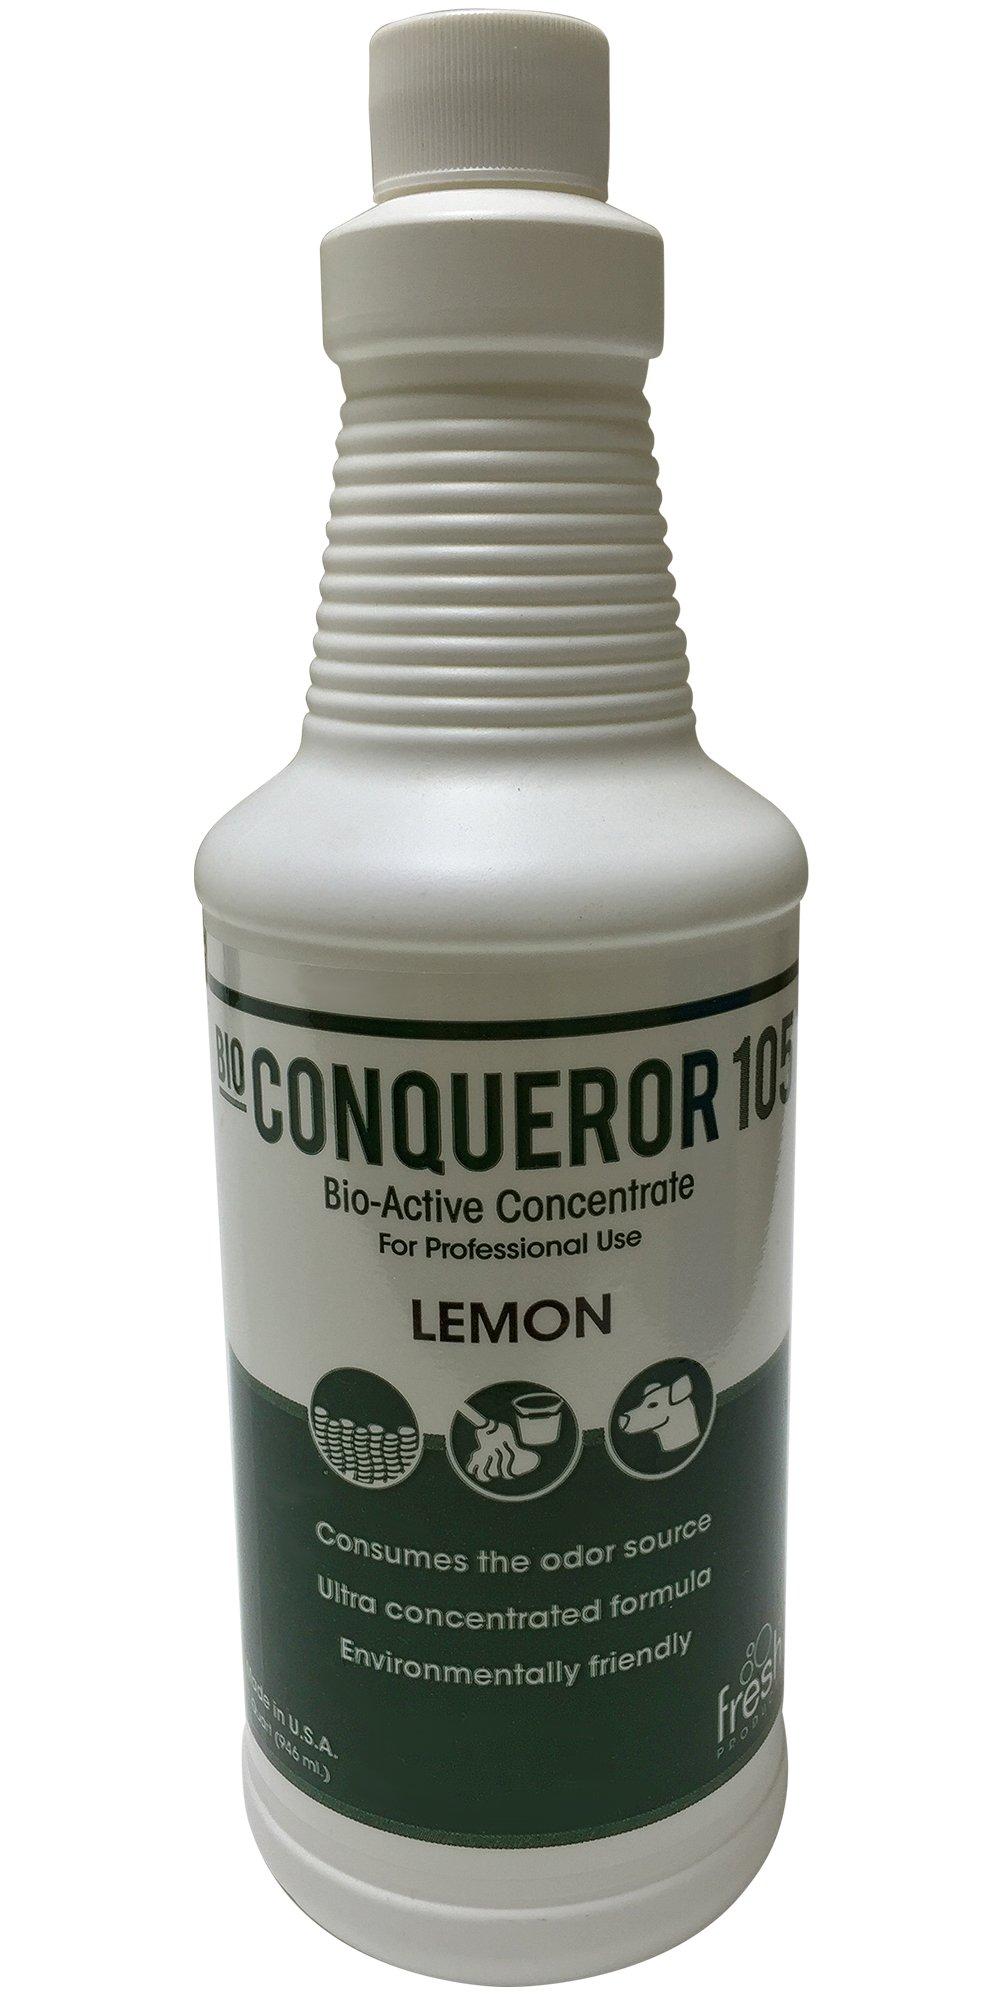 Bio Conqueror 105 Lemon (1 QUART BOTTLE) | 405329QT